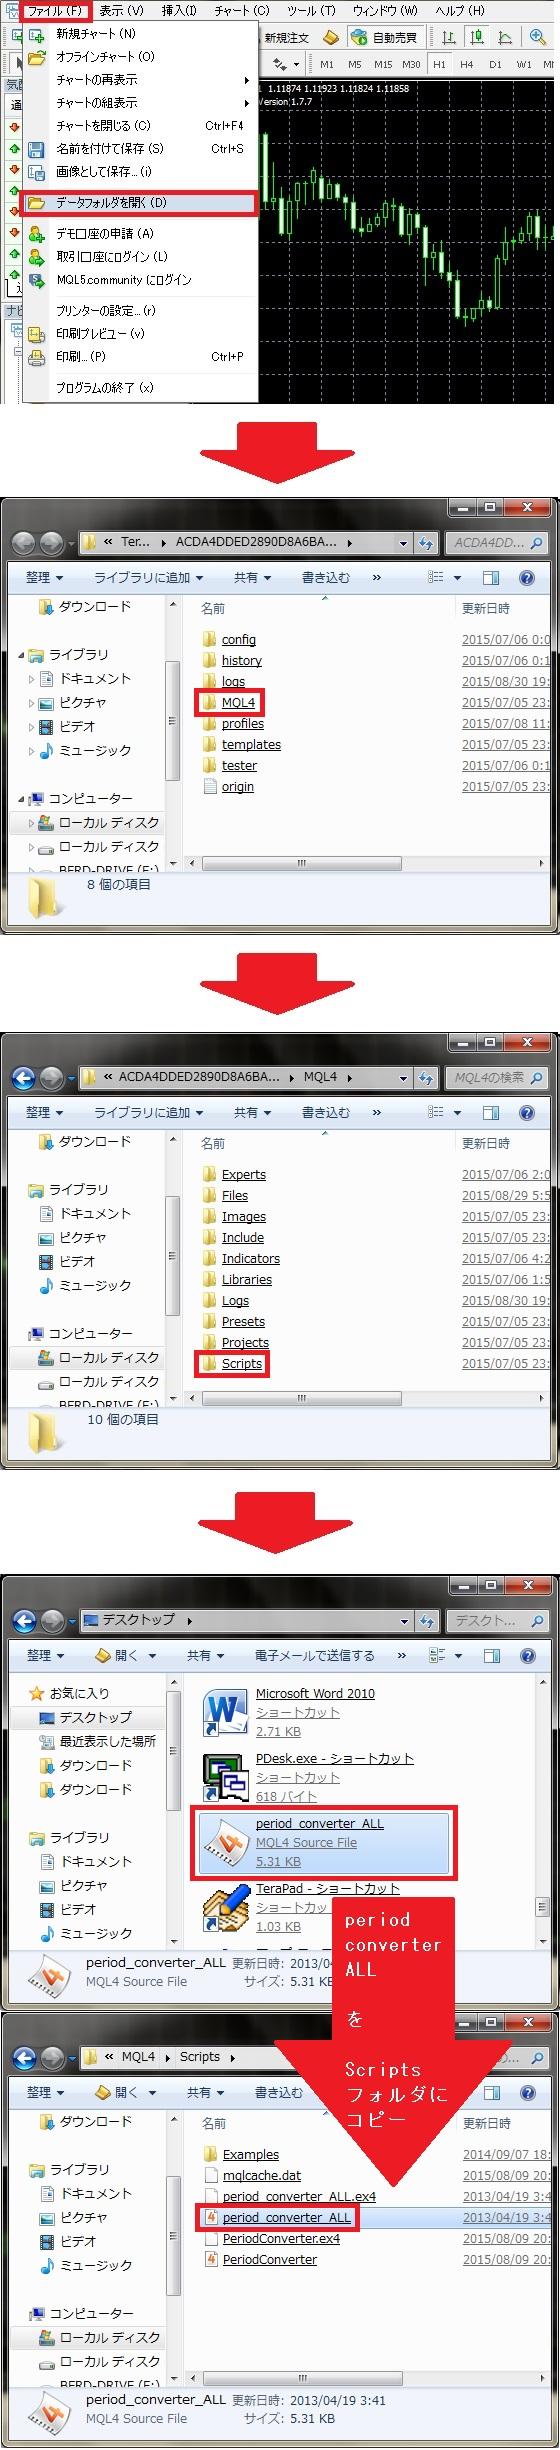 MT4_historydata28